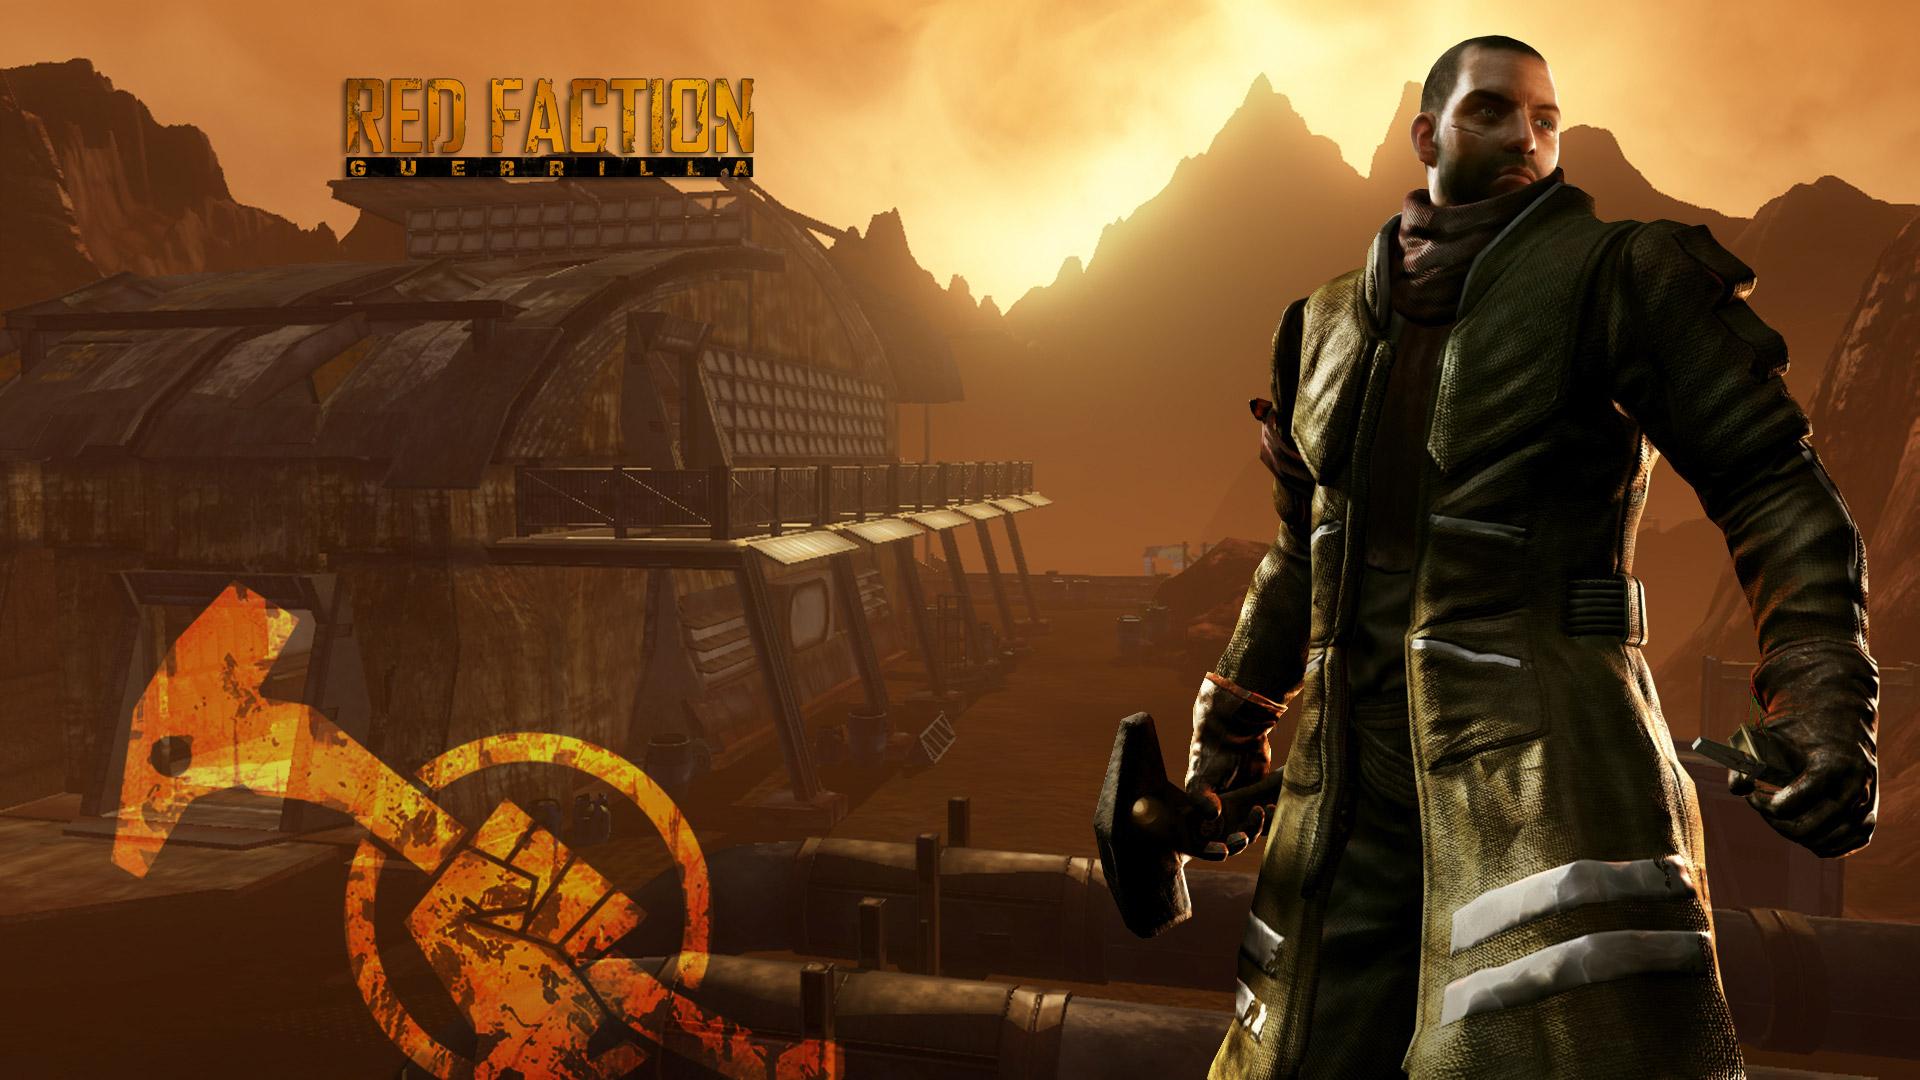 Скачать игру на пк red faction guerrilla